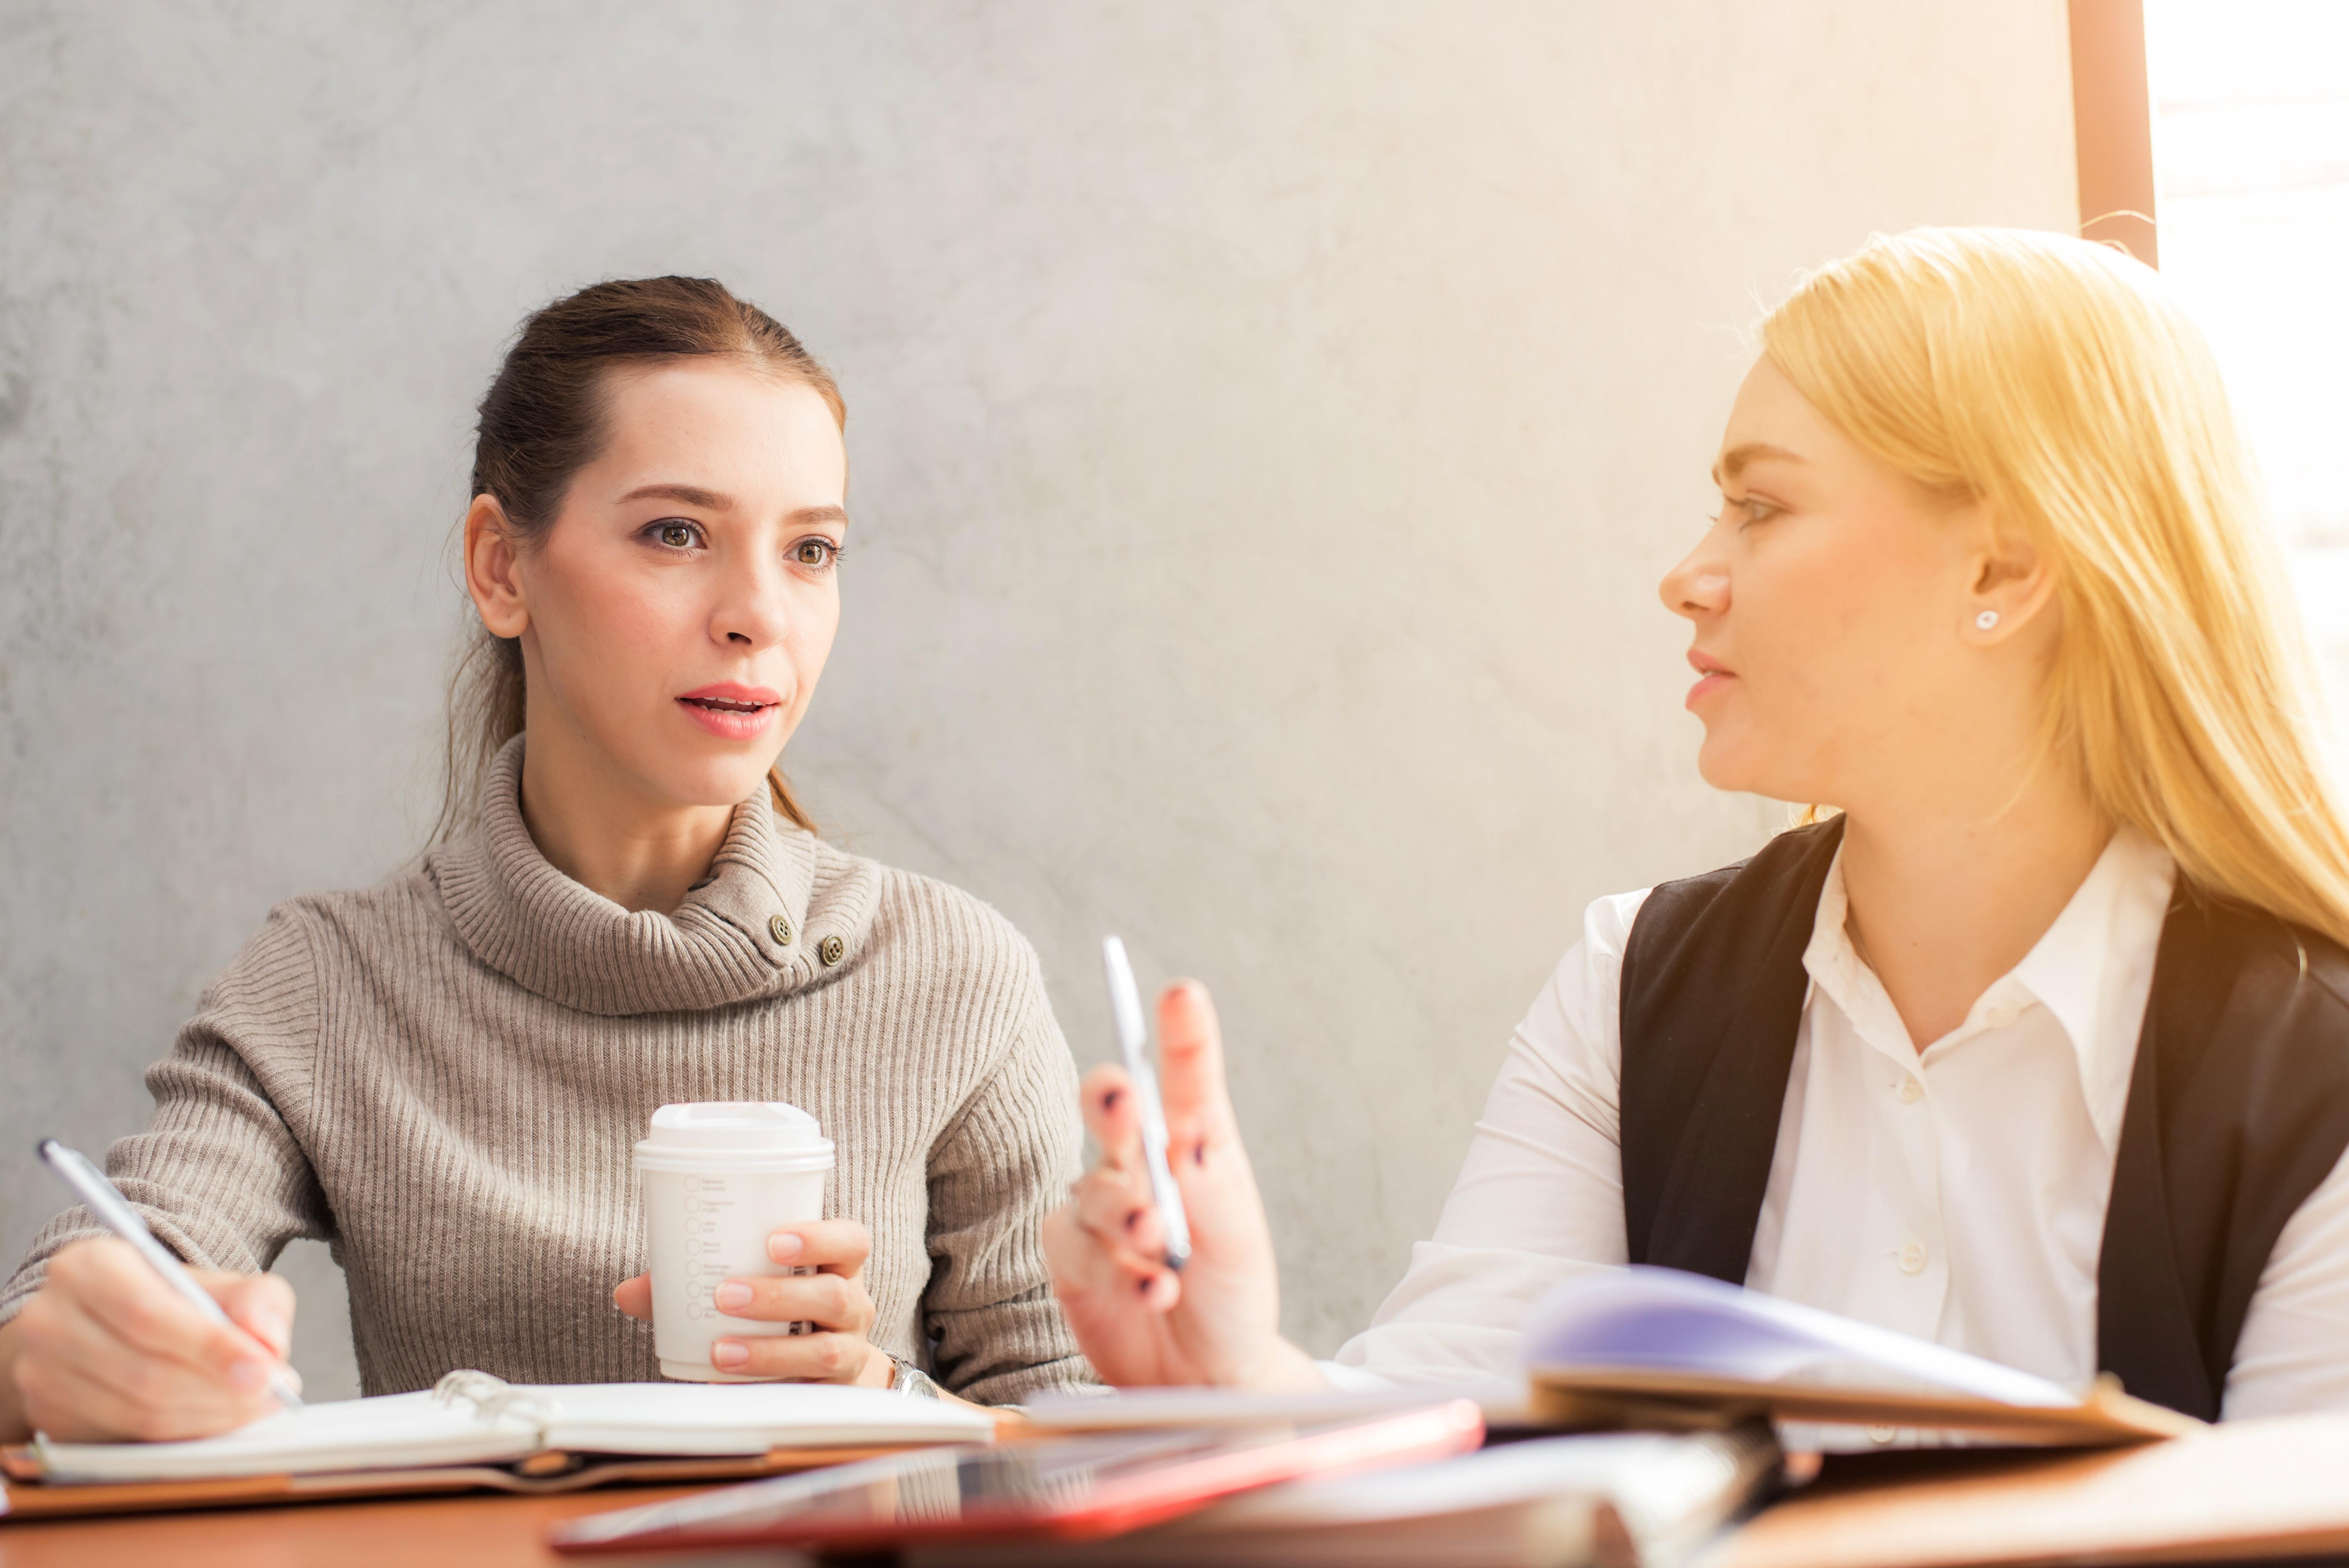 Aprendizaje y formación de éxito en empresas